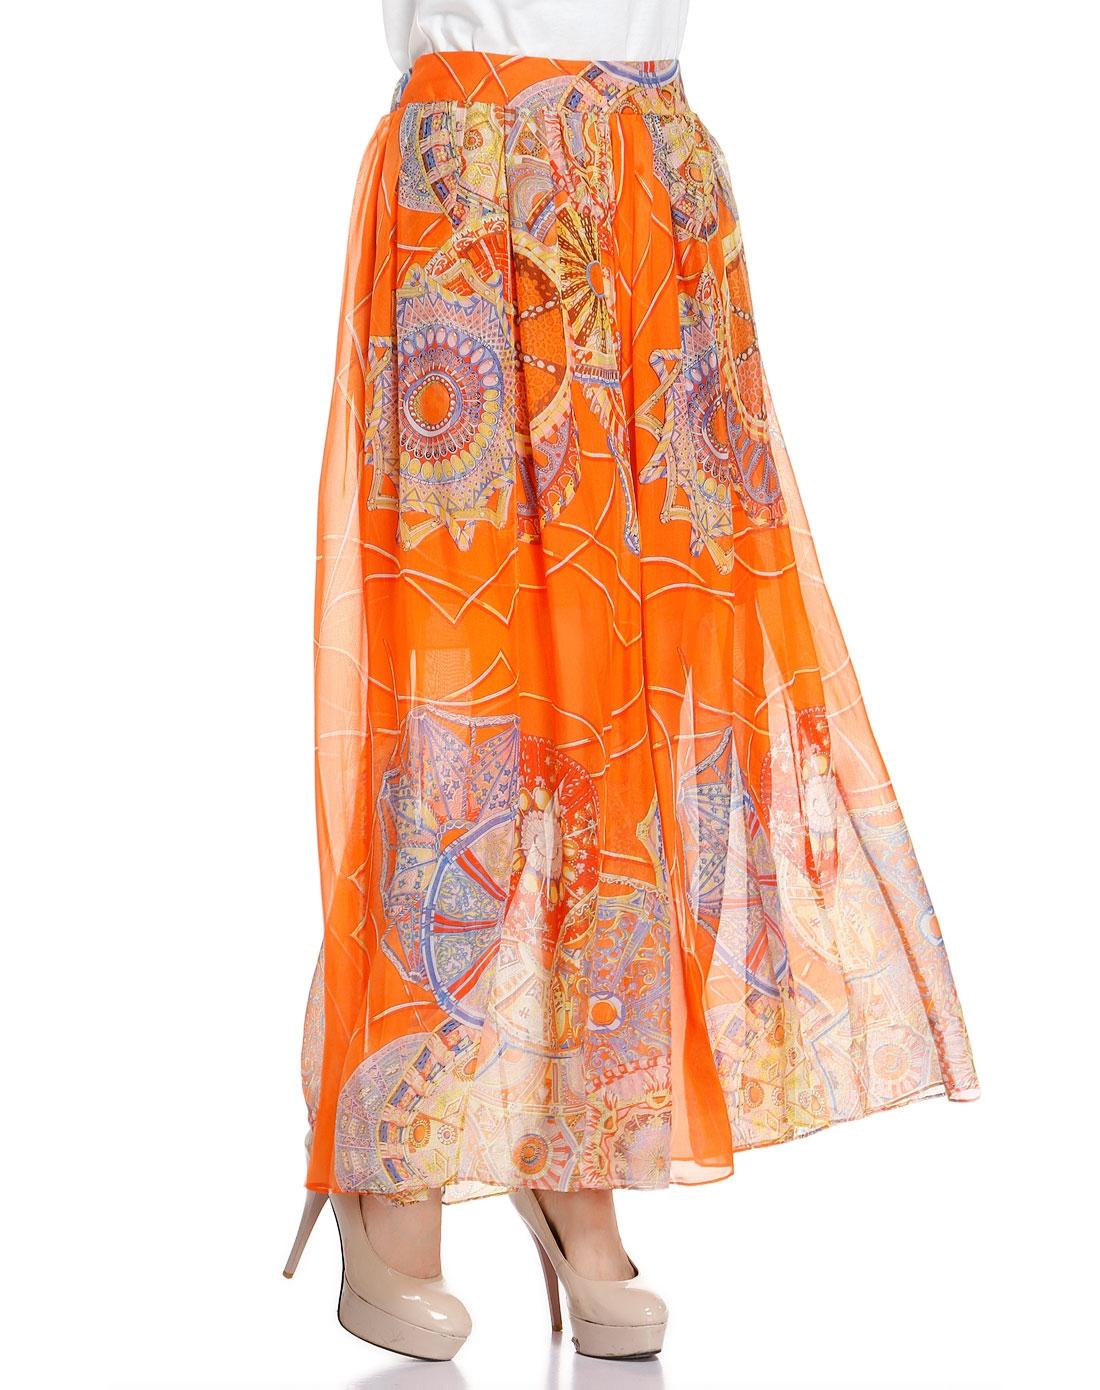 恩裳 橙/多色花纹俏丽长裙